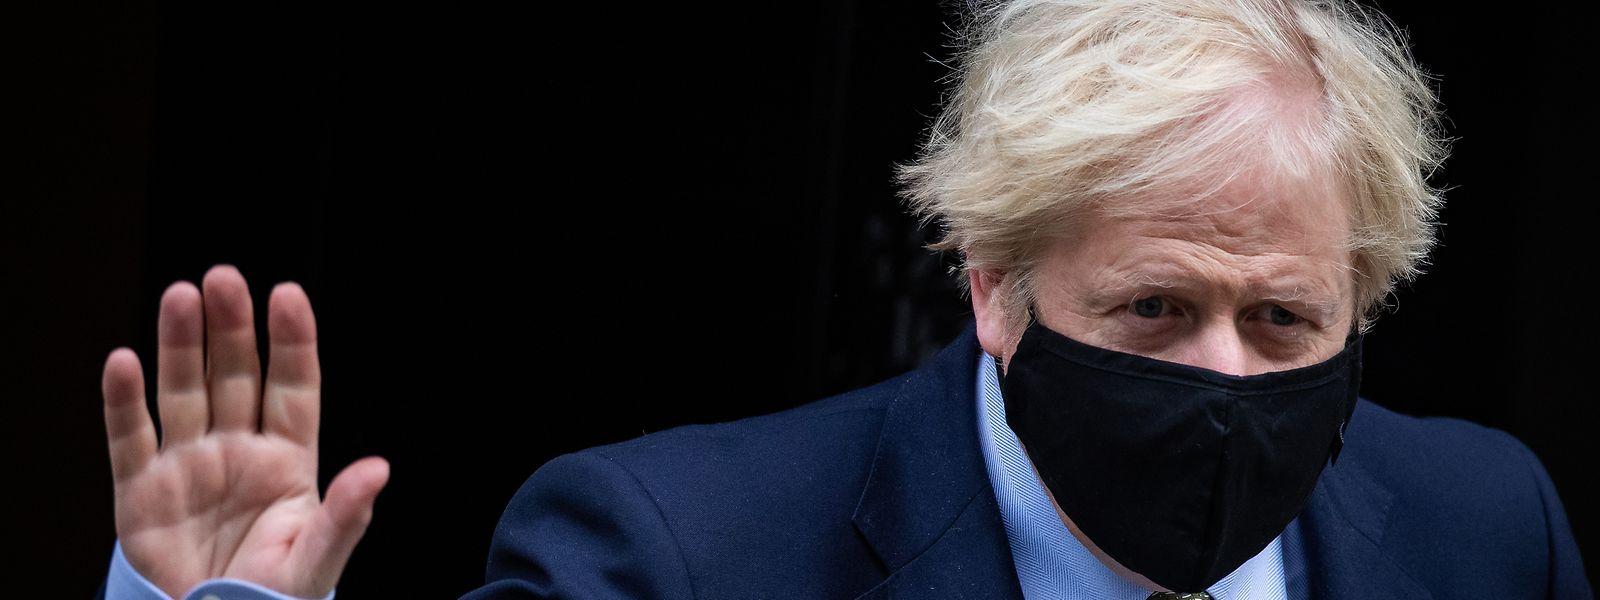 Boris Johnson verlässt am Mittwoch die 10 Downing Street auf dem Weg zur wöchentlichen «Prime Minister's Questions» im britischen Unterhaus.